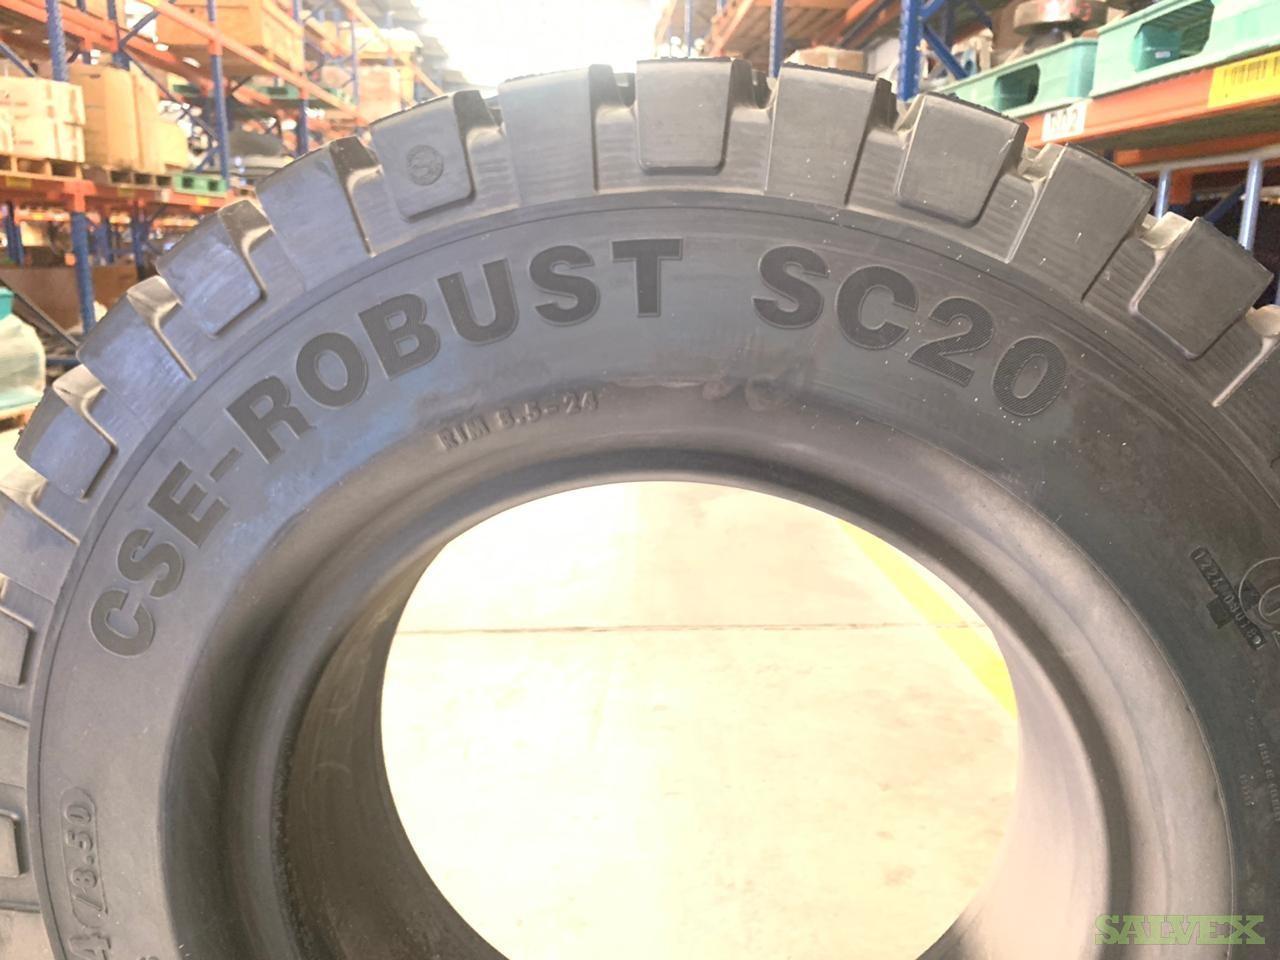 Tires: Super Elastic Continental Solid // Sizes: 250/70 - 15 & 12.00/R24 - 8.5A (53 Tires)